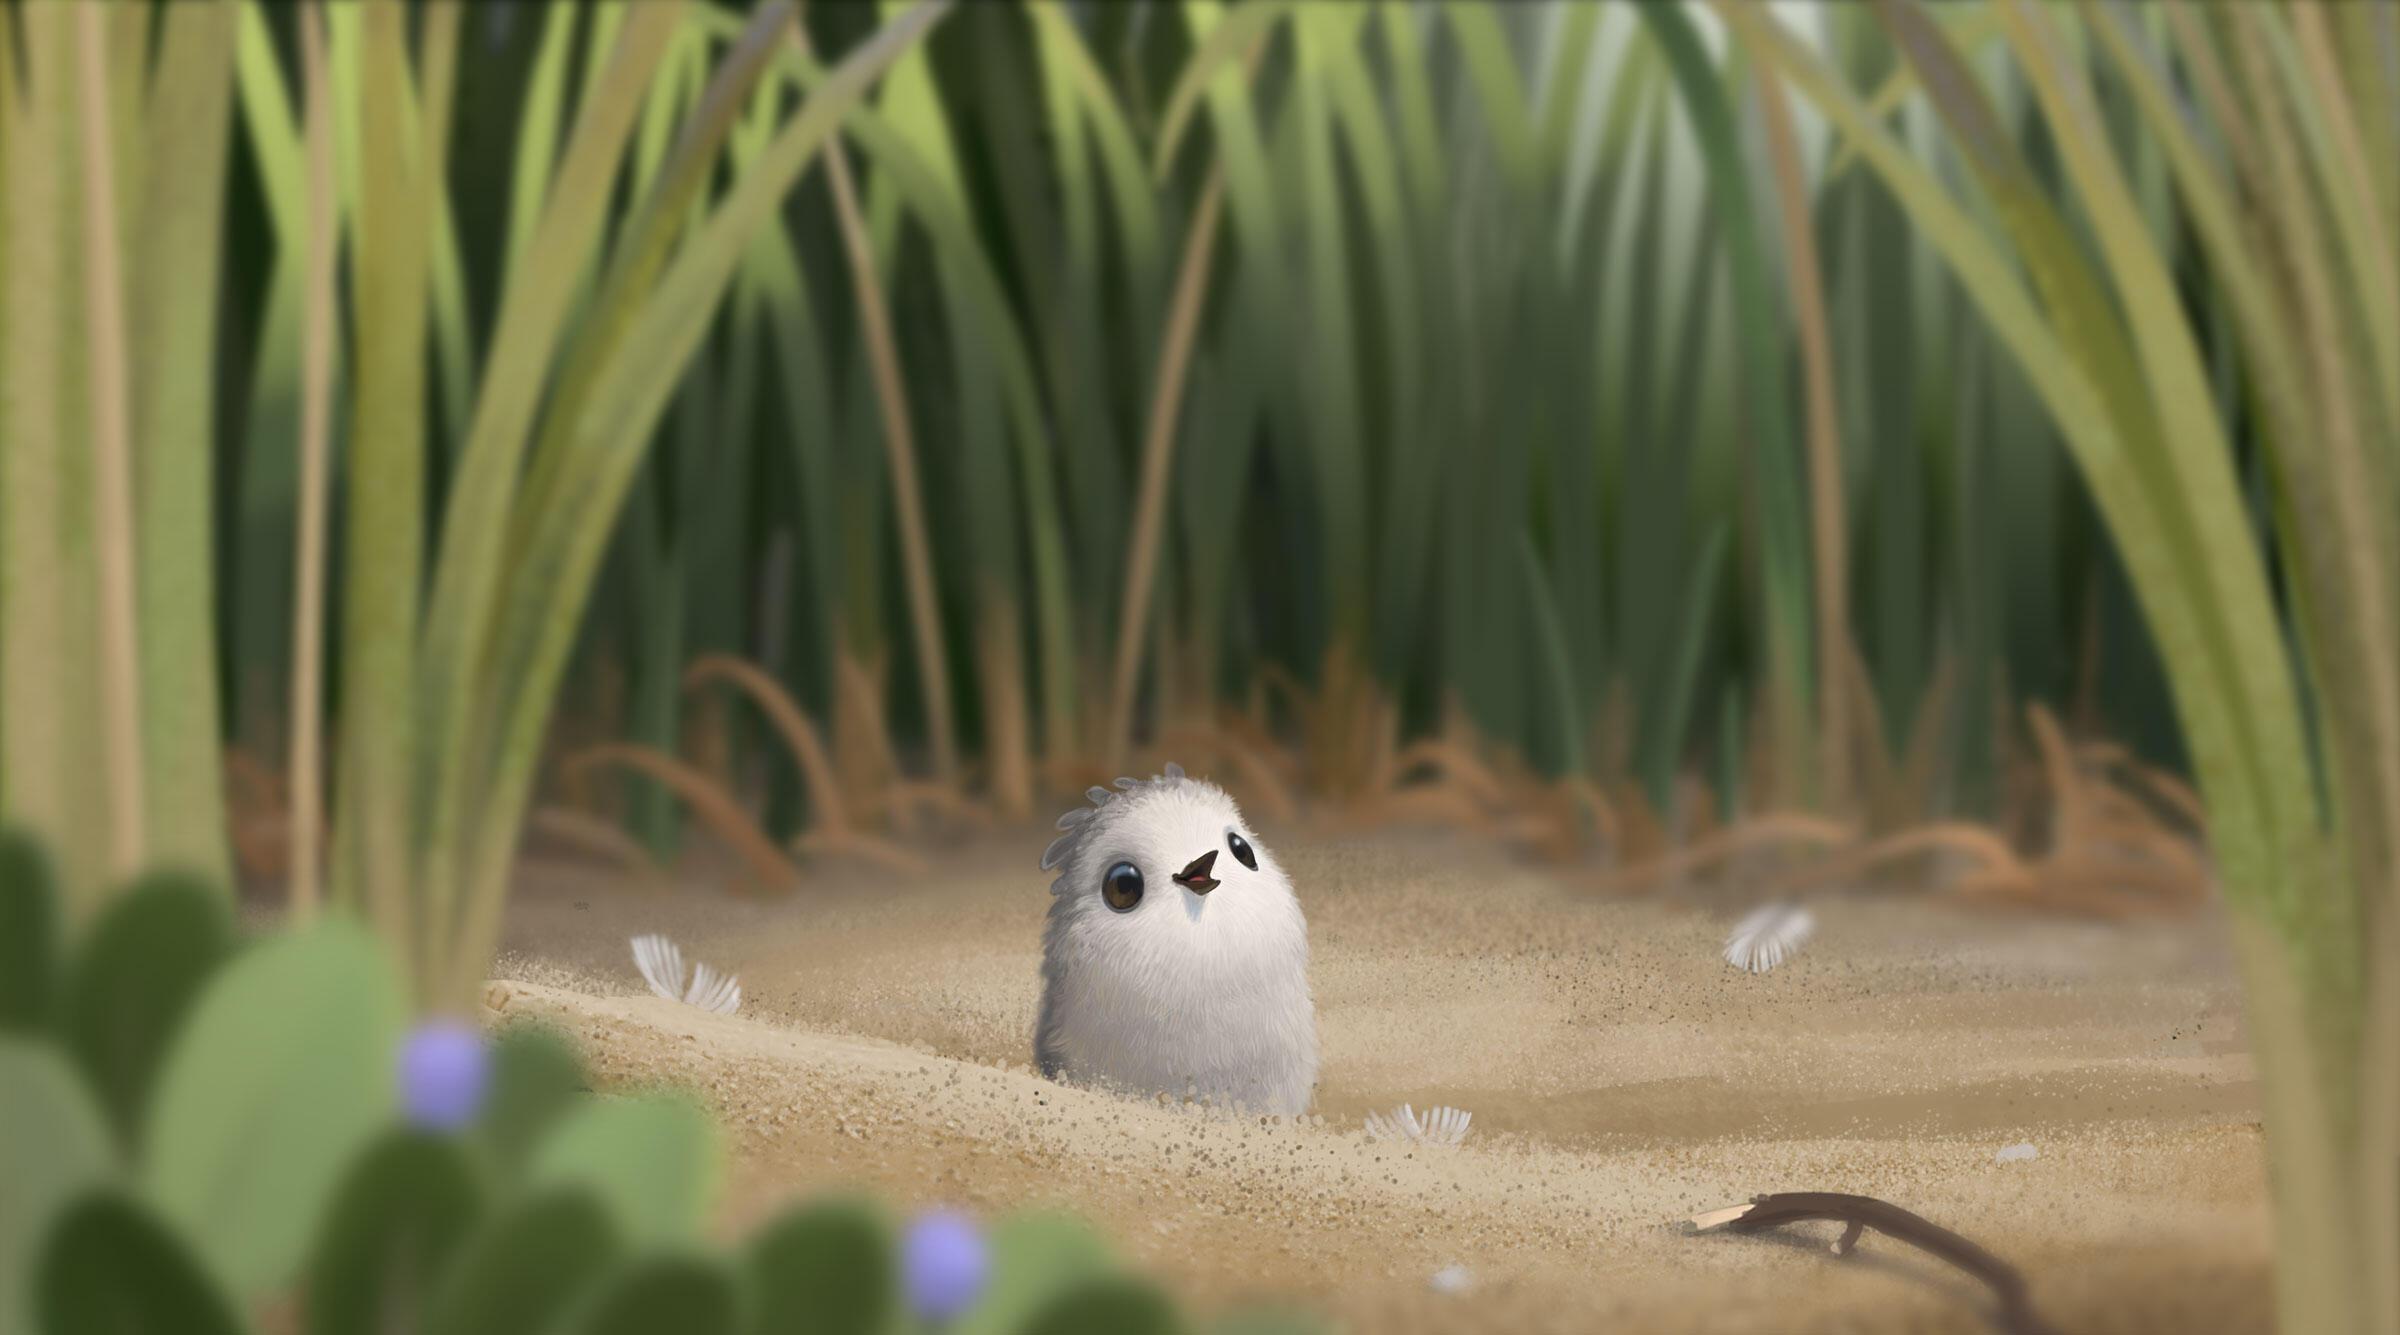 Piper in her natural animated habitat. Image: Disney•Pixar